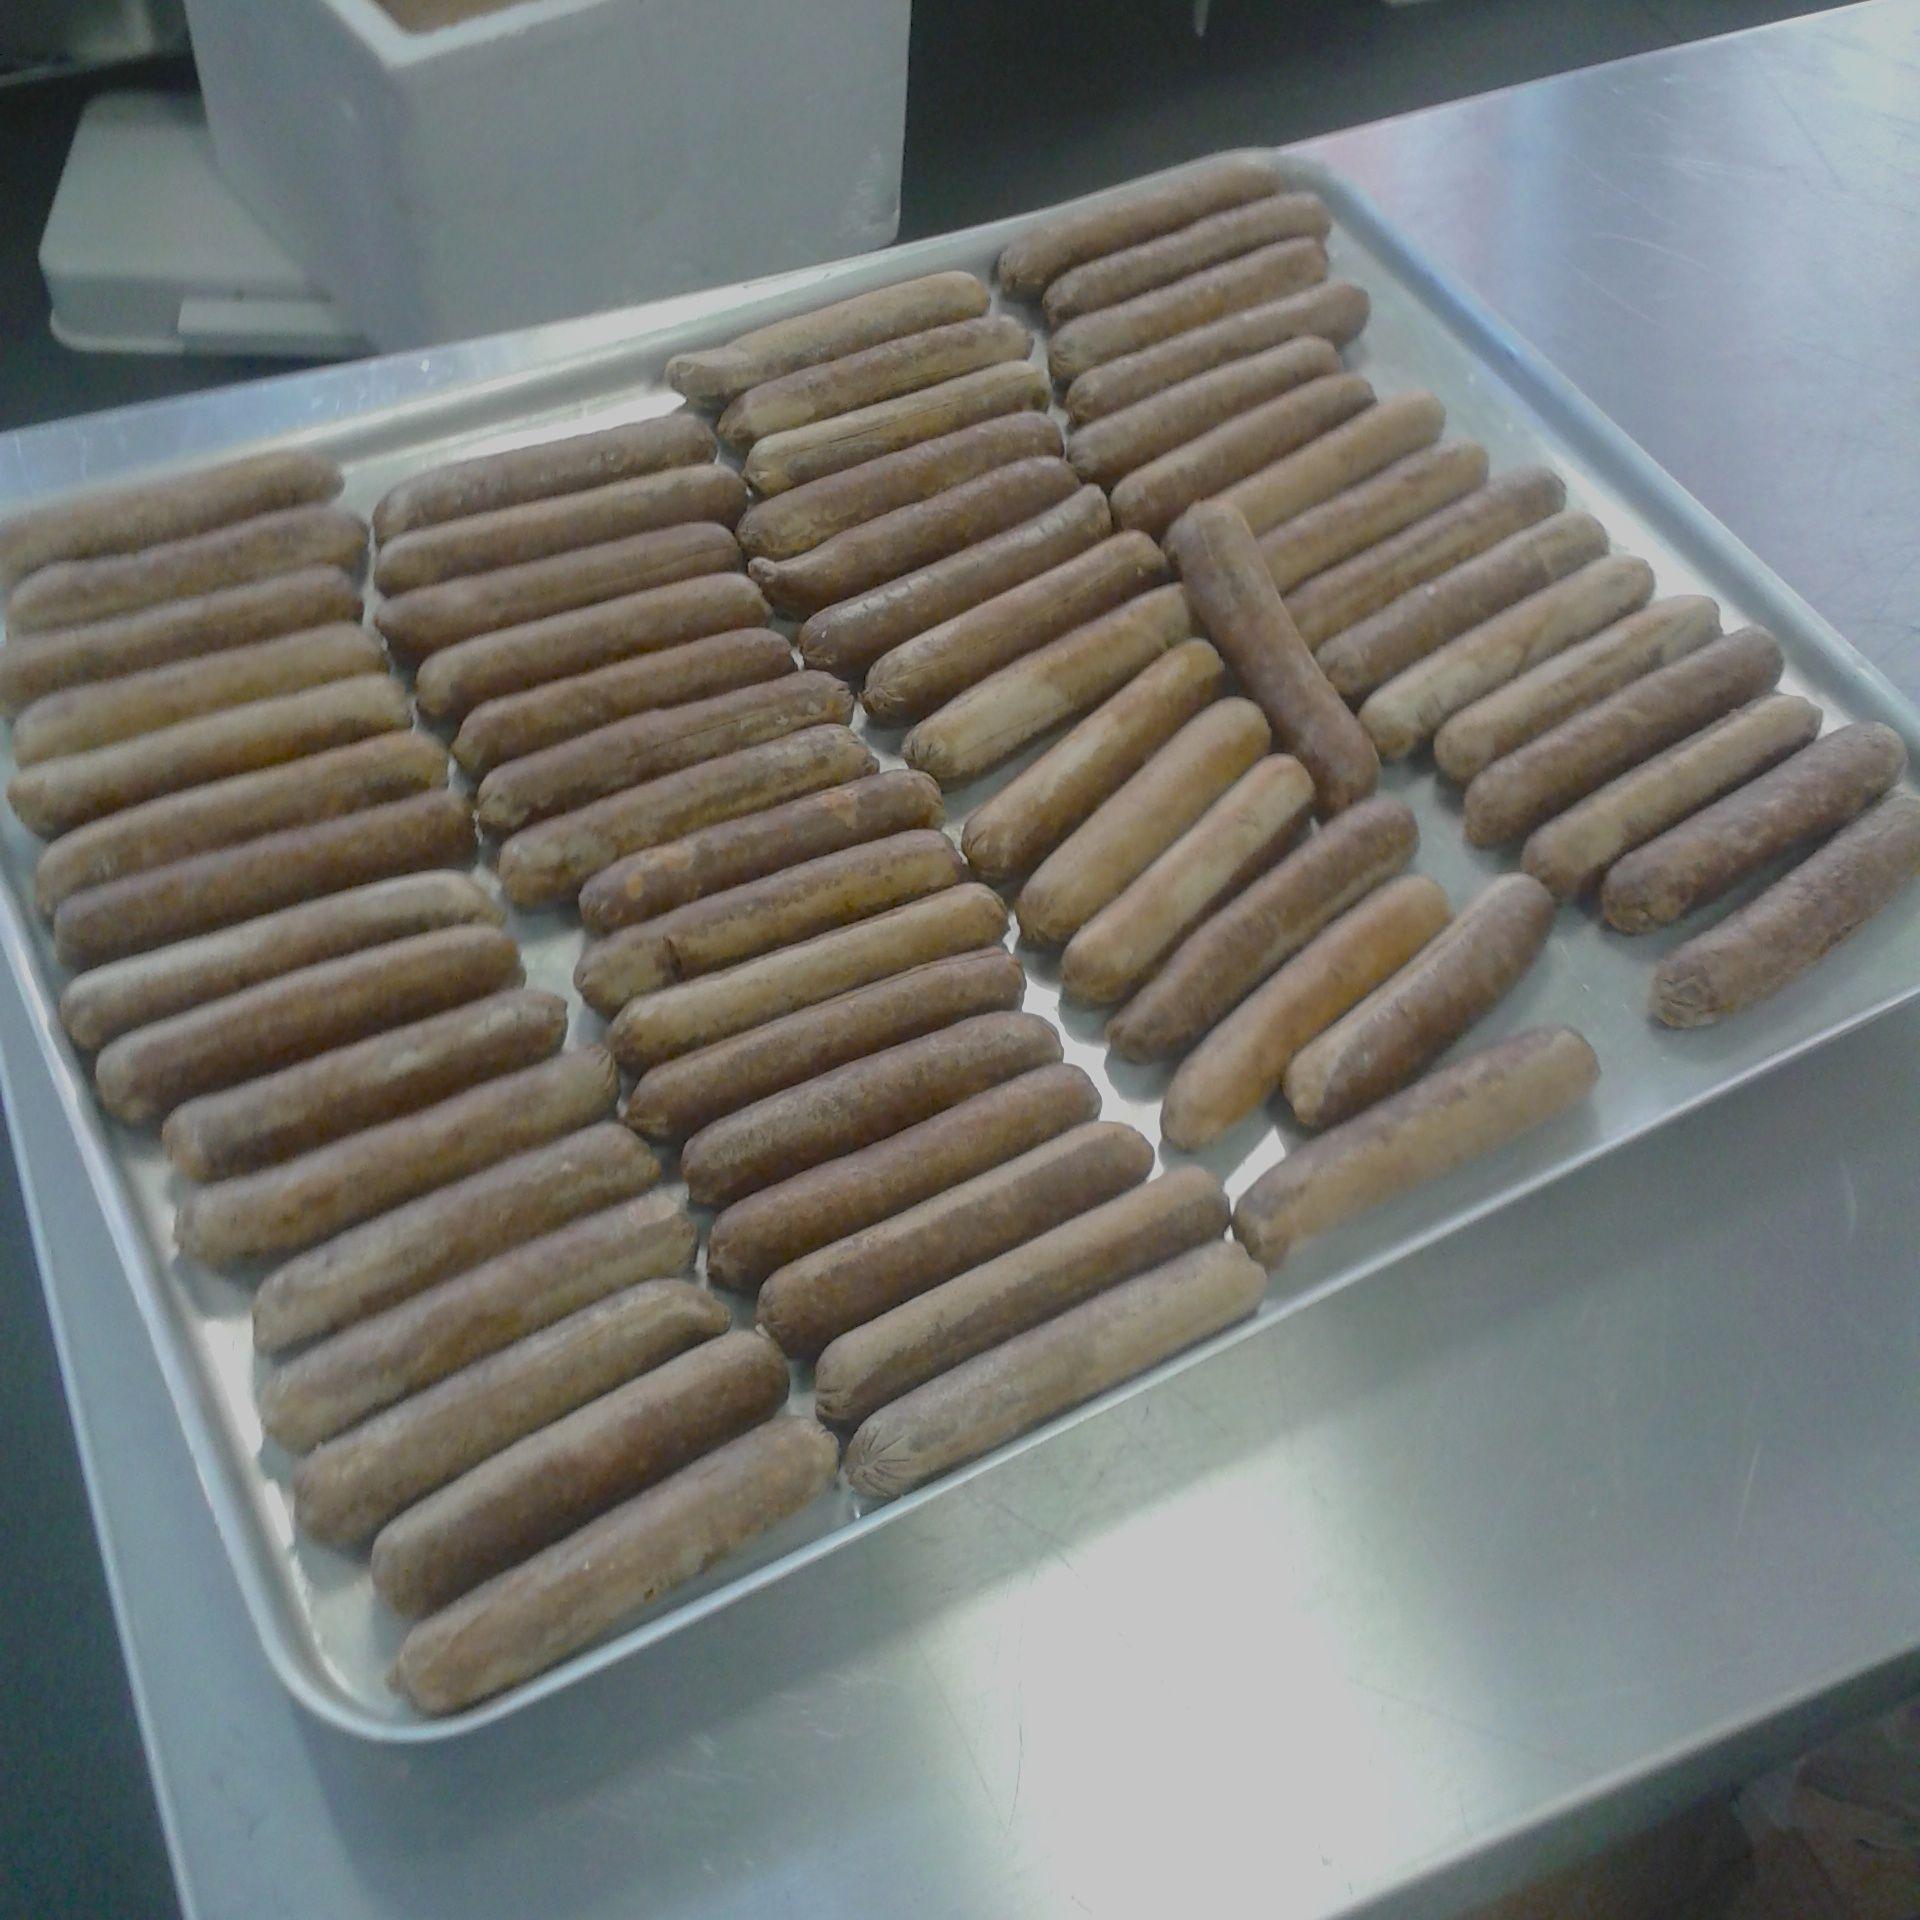 https://i0.wp.com/fatgayvegan.com/wp-content/uploads/2014/02/sausages.jpg?fit=1920%2C1920&ssl=1